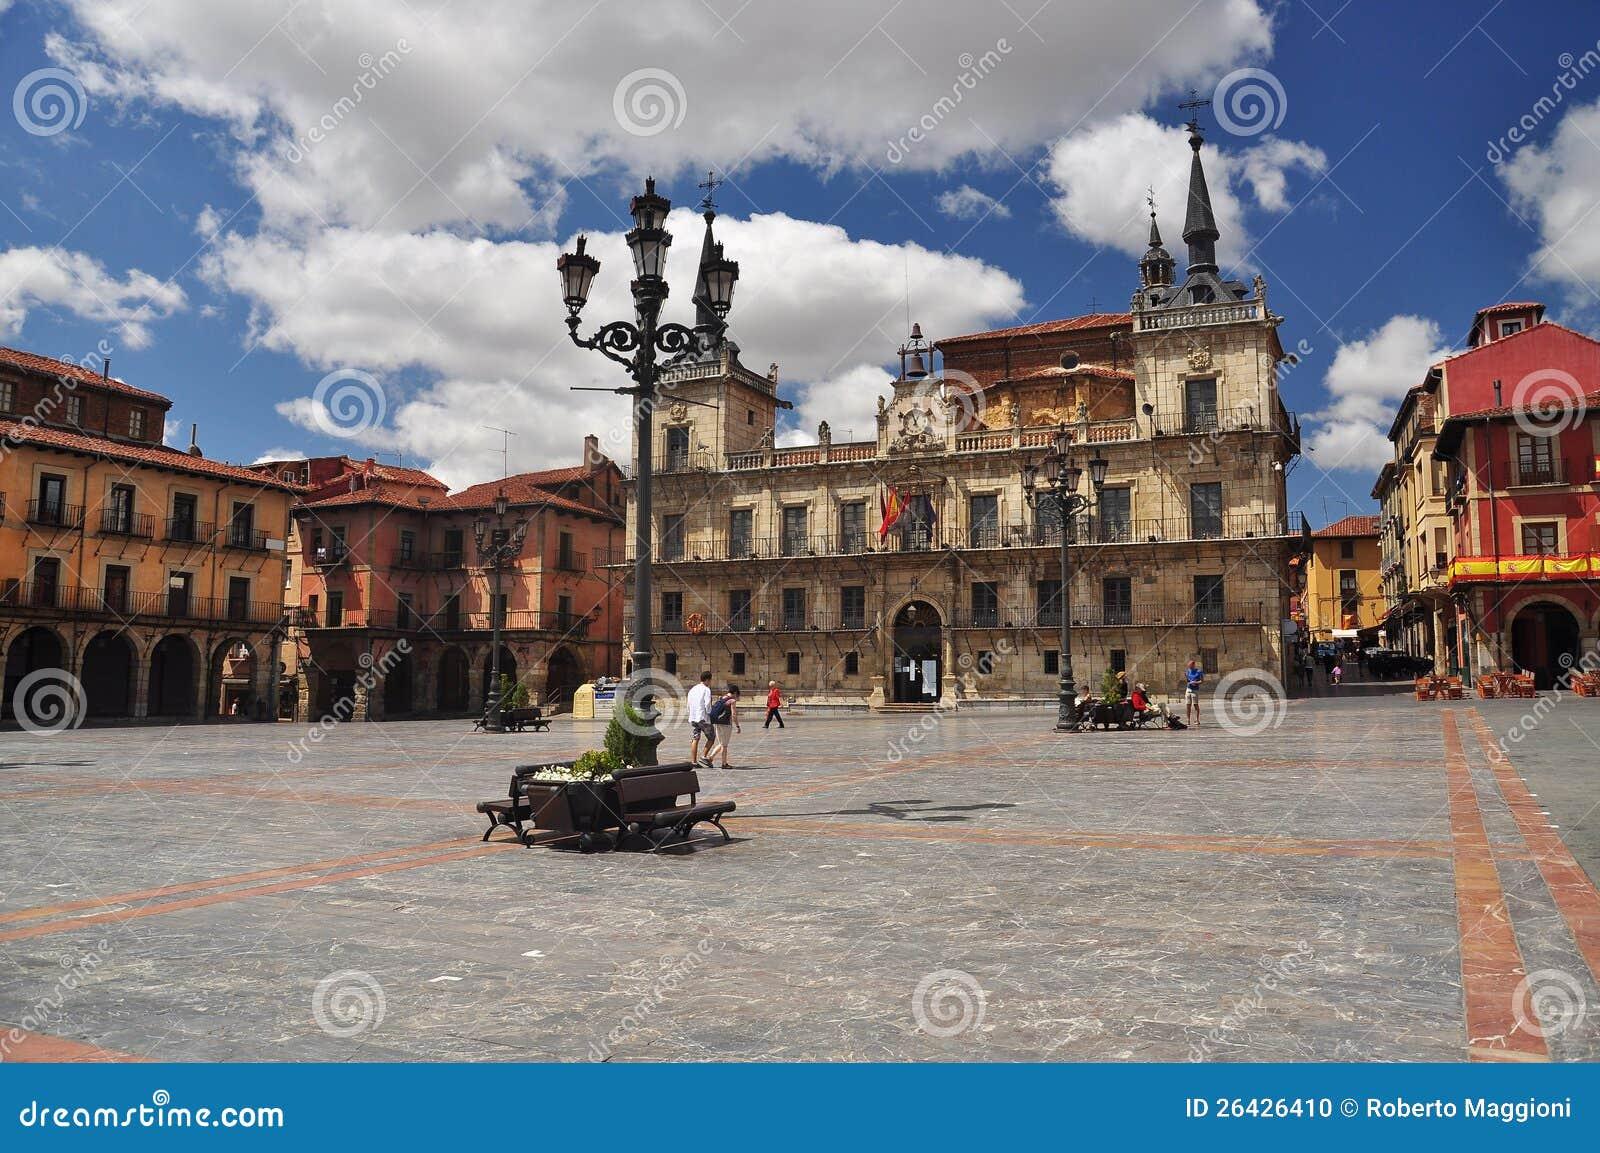 Leon, Spain. Central square